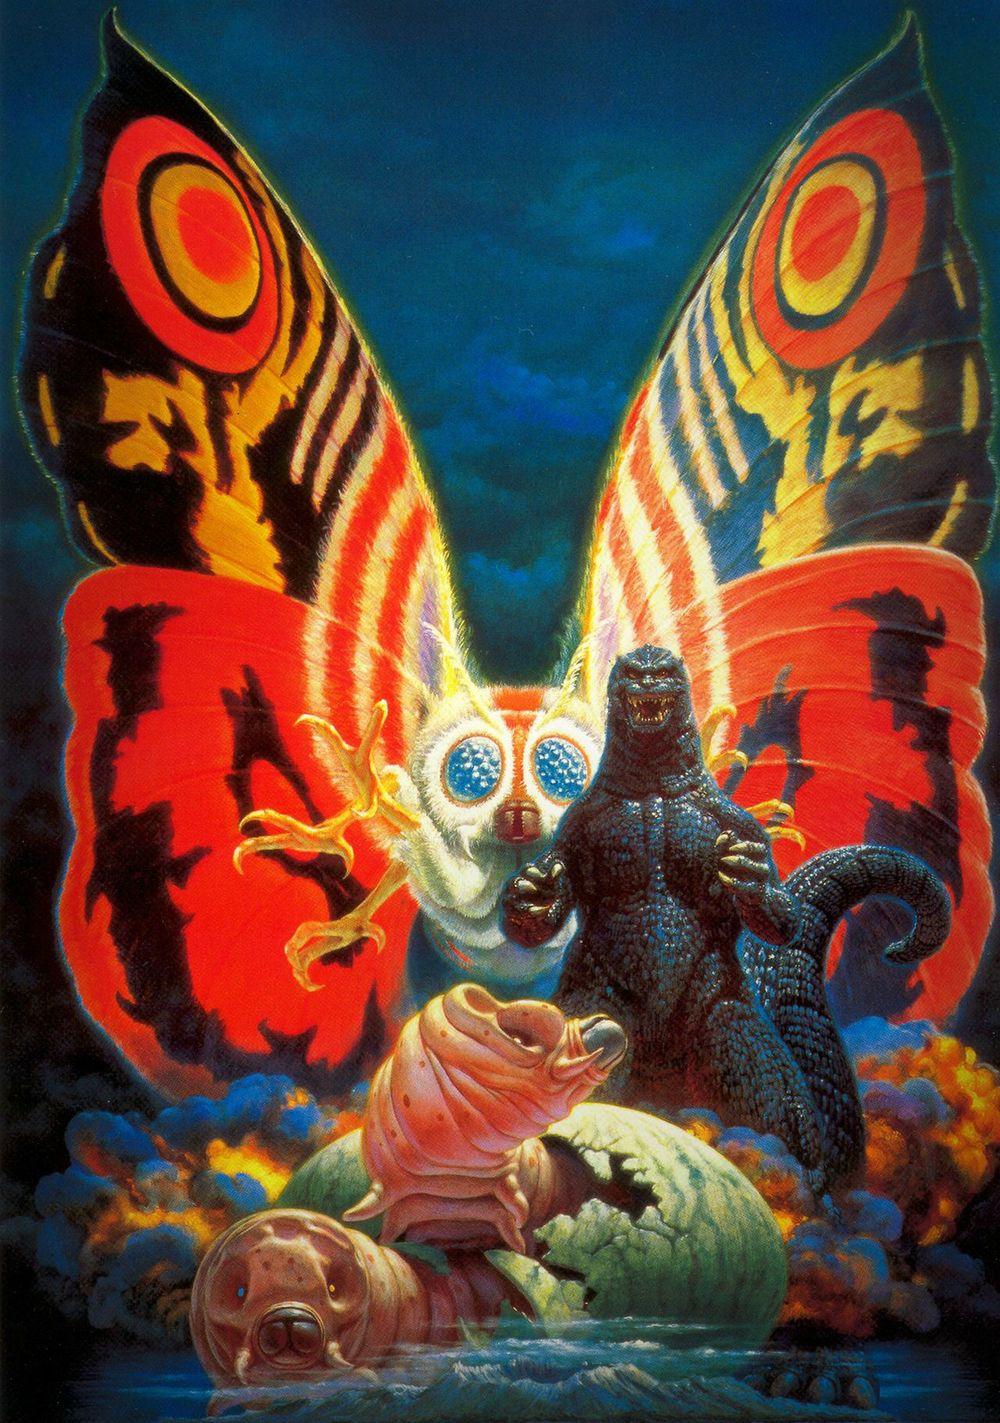 Godzilla-6.jpg